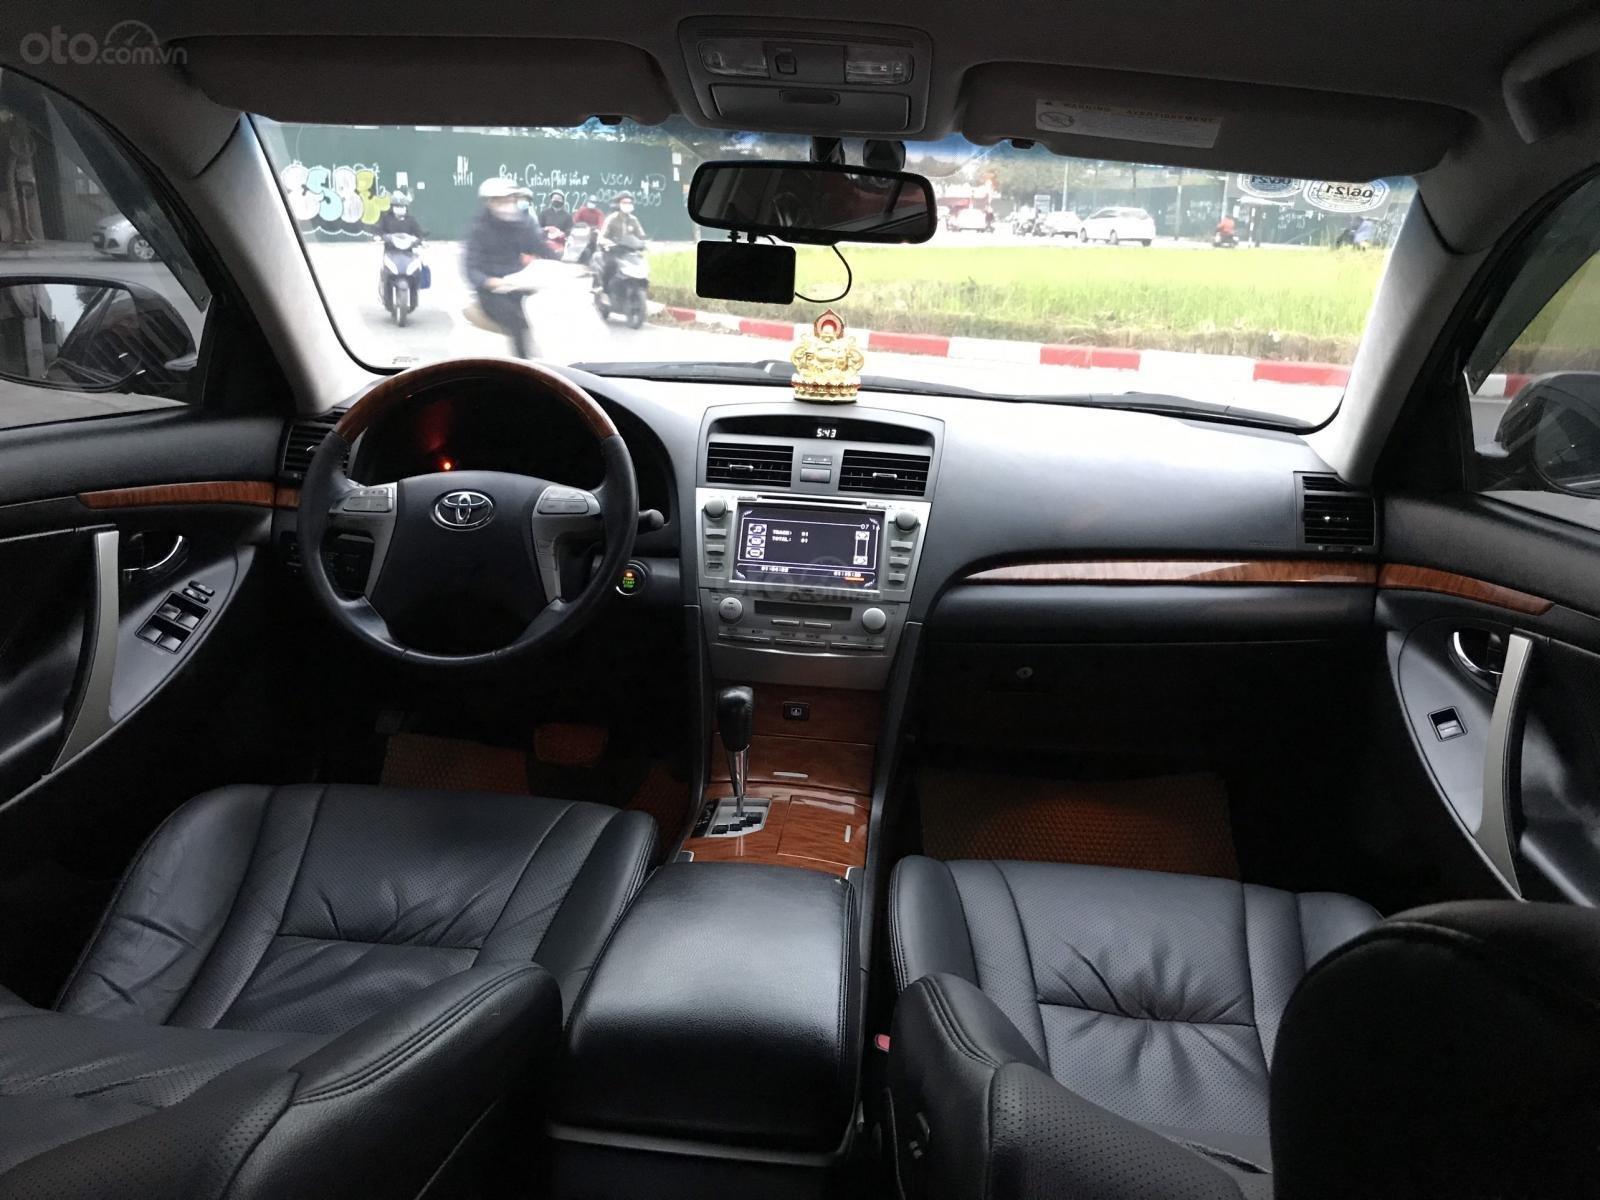 Toyota Camry 3.5 Q sản xuất năm 2011 (11)